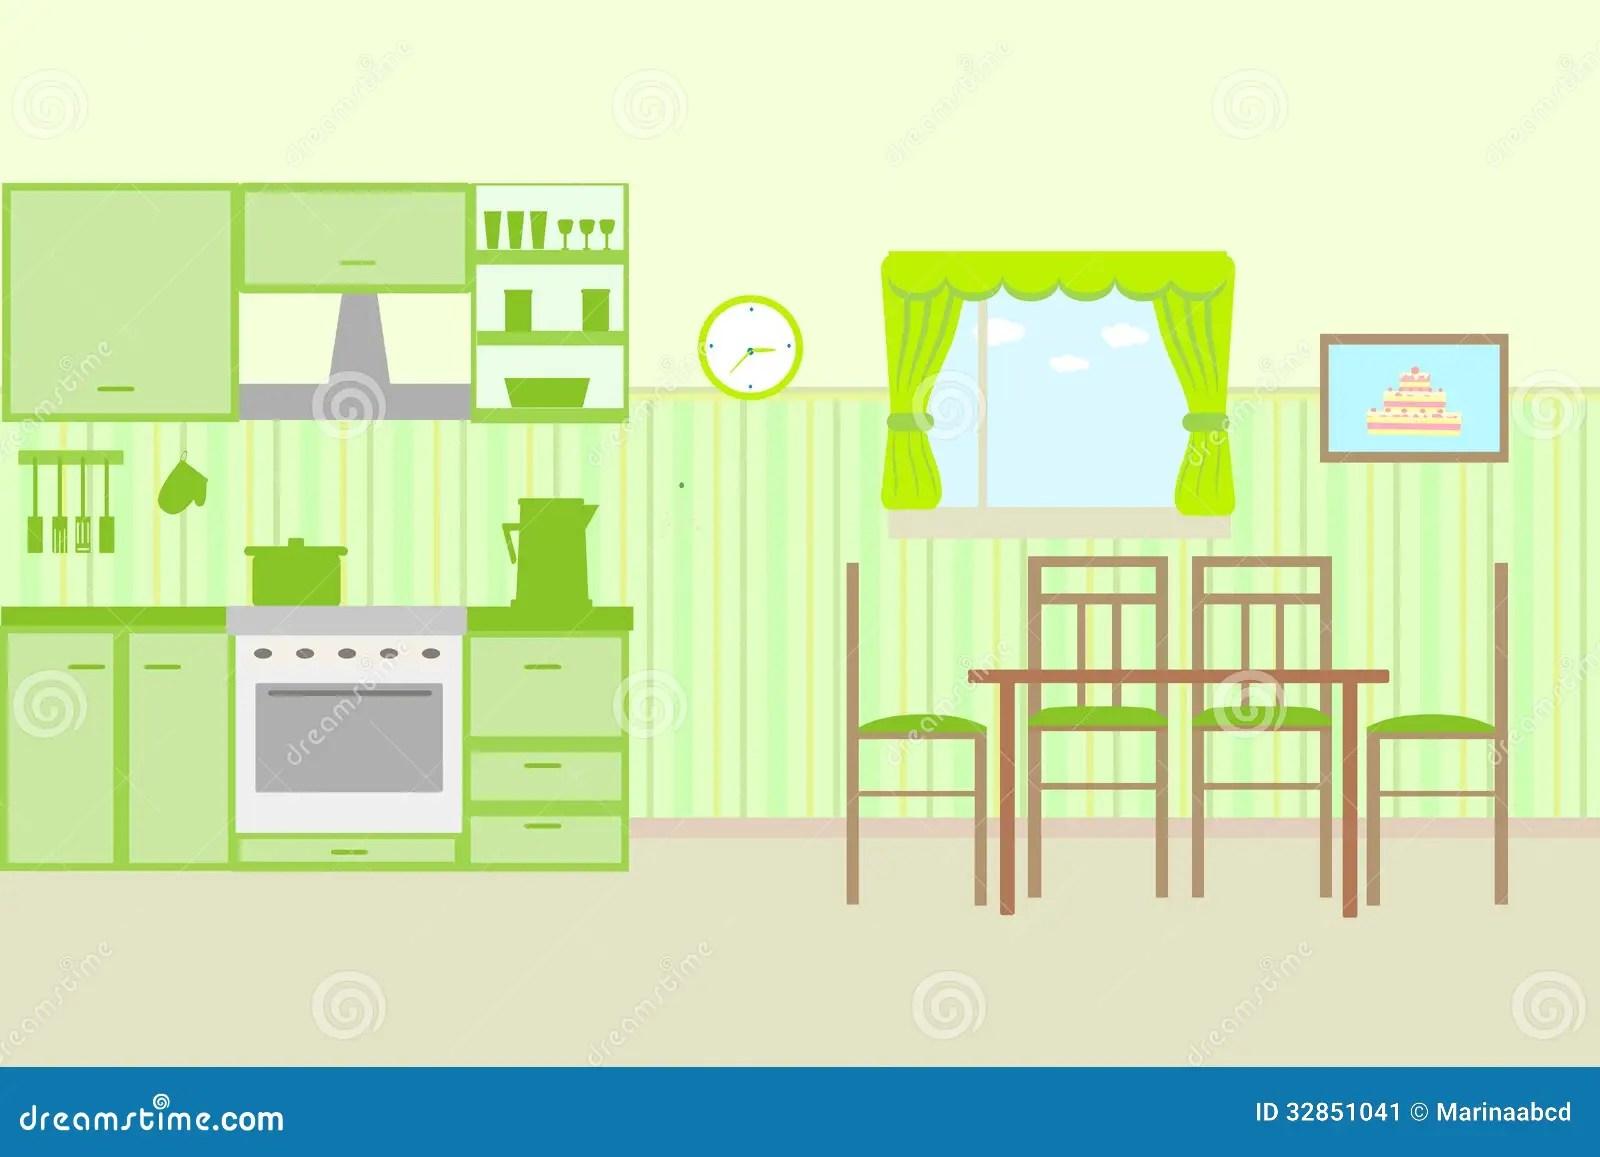 kitchen kitchen furniture stock image image modular kitchen furniture kolkata howrah west bengal price